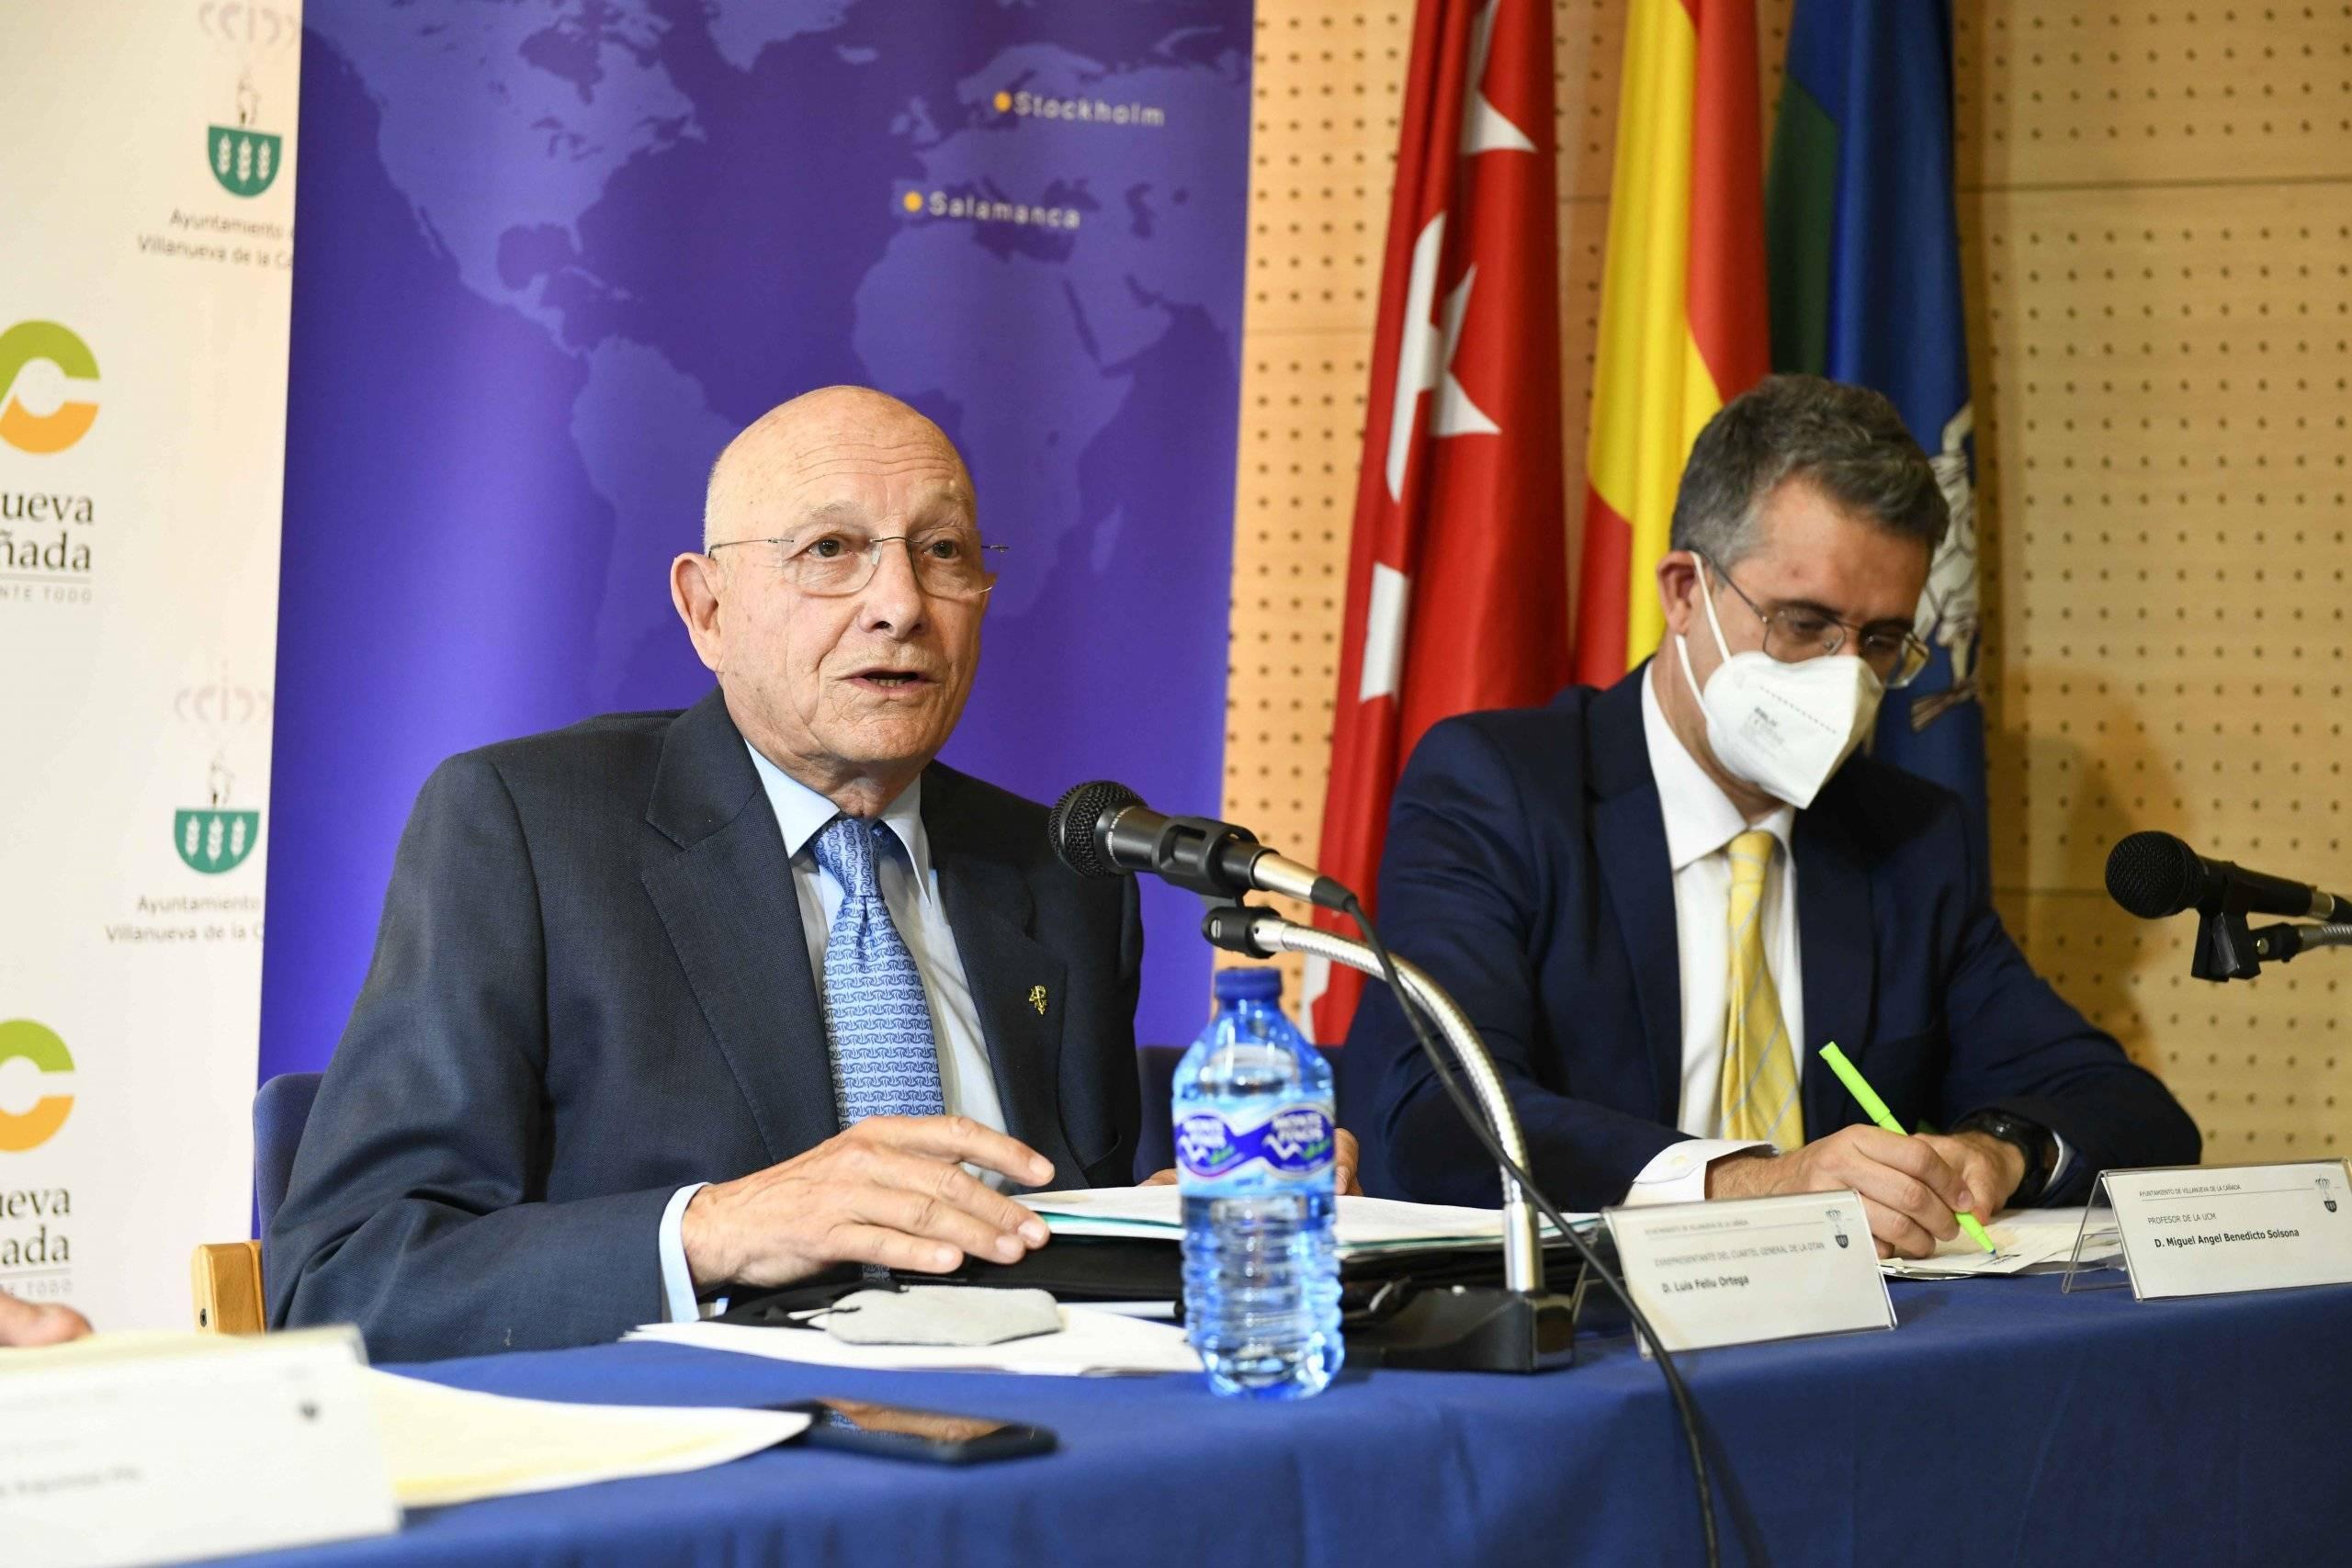 Luis Feliu Ortega, TG (R) y exrepresentante del Cuartel General de la OTAN, en uno de los momentos de la ponencia.